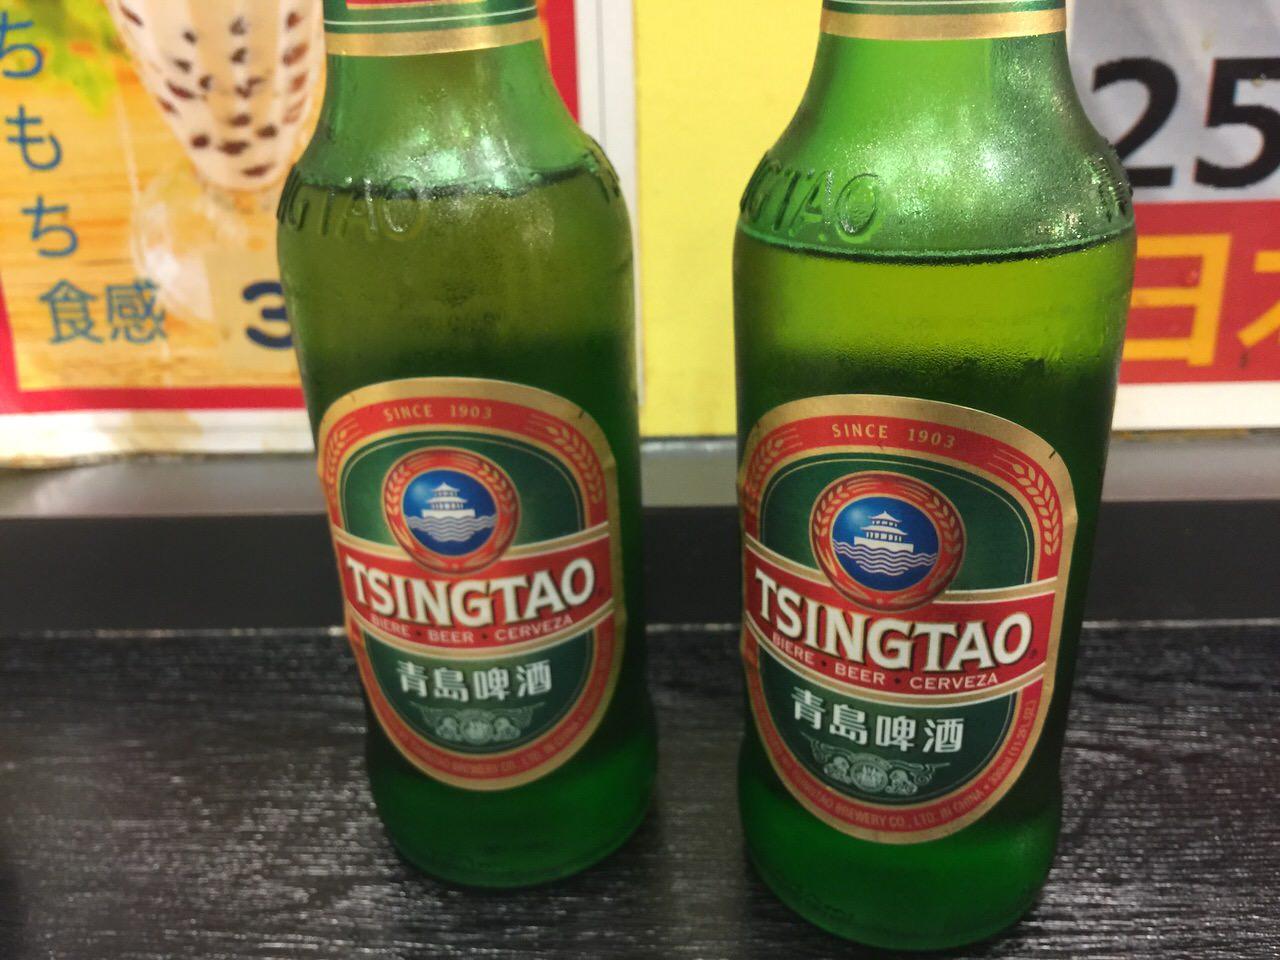 Yong xiang 5758